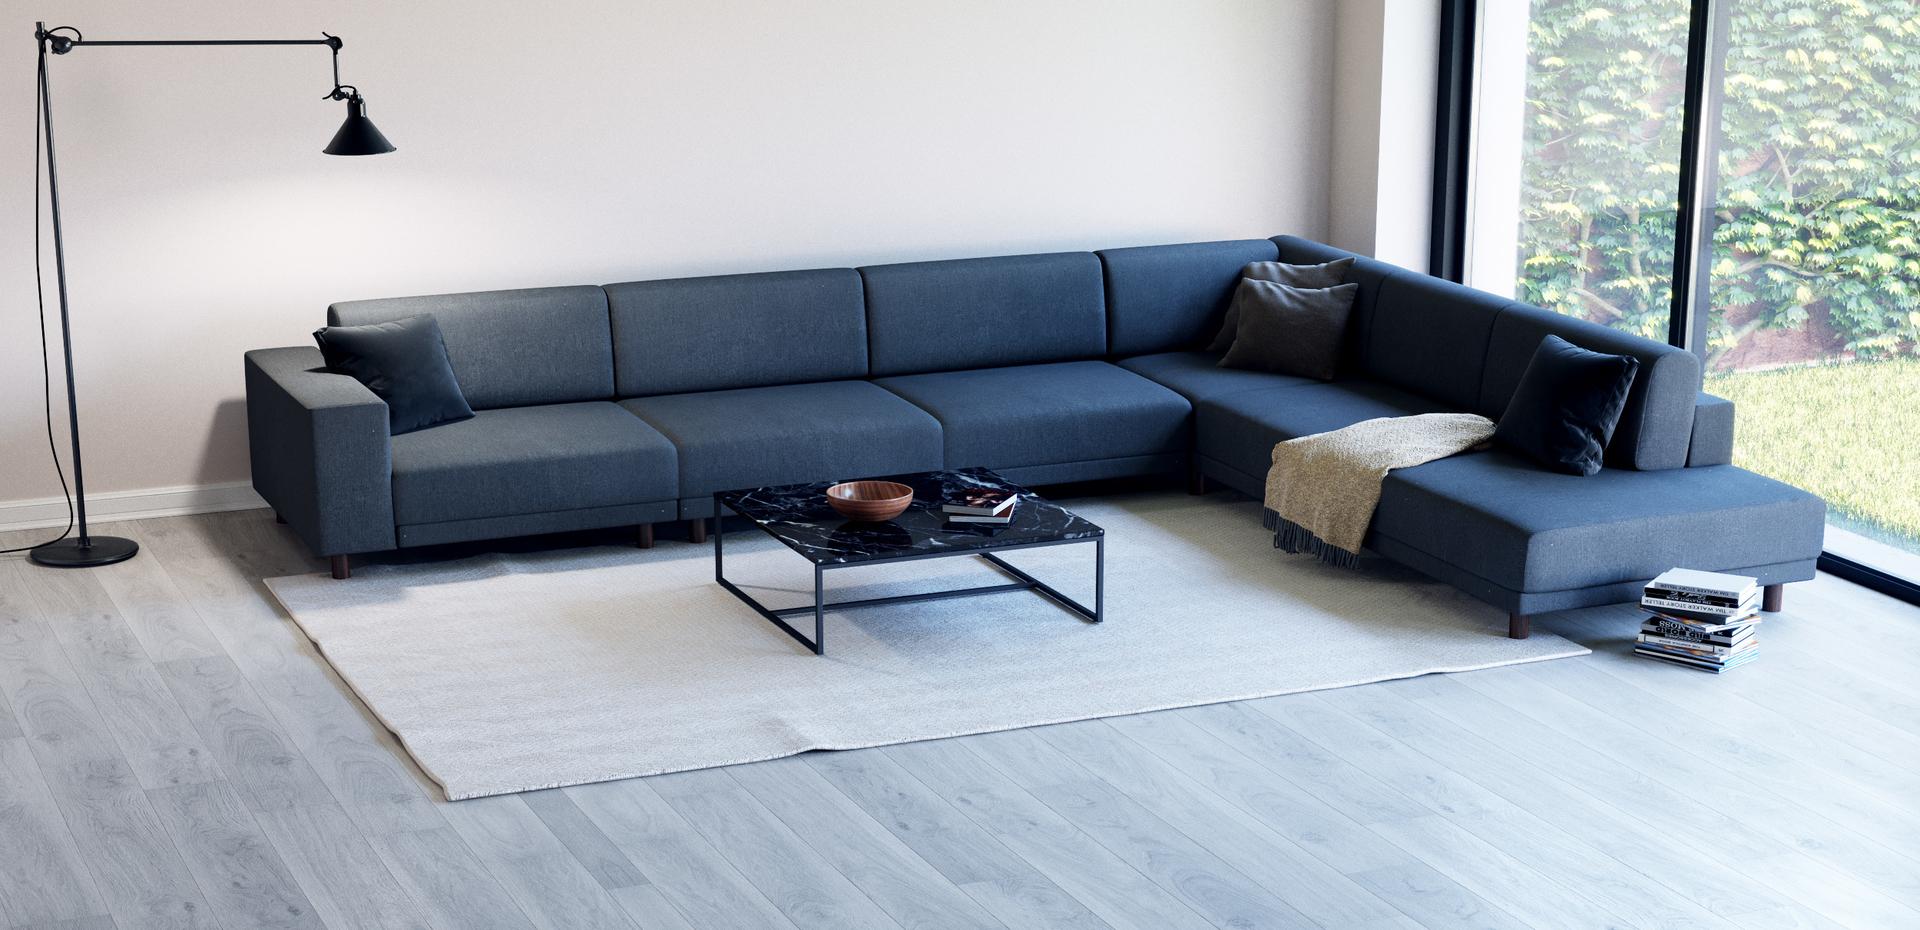 wohnlandschaft selbst gestalten sofas bei mycs mycs deutschland. Black Bedroom Furniture Sets. Home Design Ideas